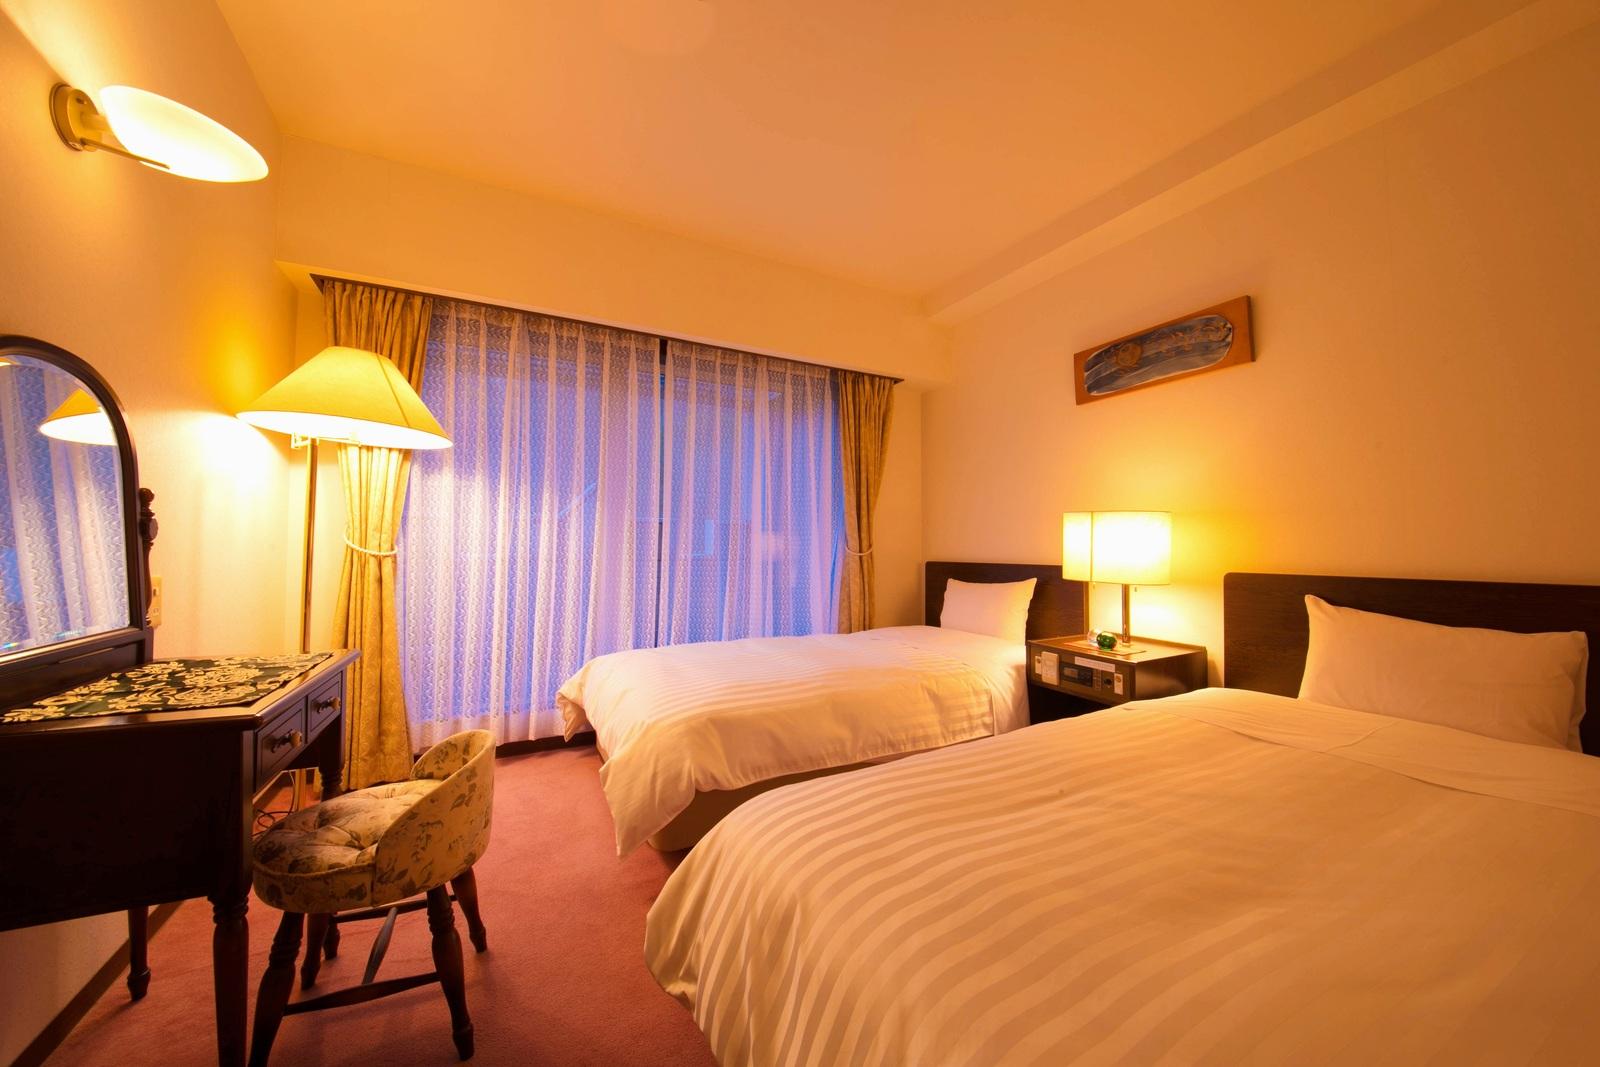 満天の星空を堪能するリゾート 芦別温泉スターライトホテル / ■ジュニアスイート■35㎡禁煙